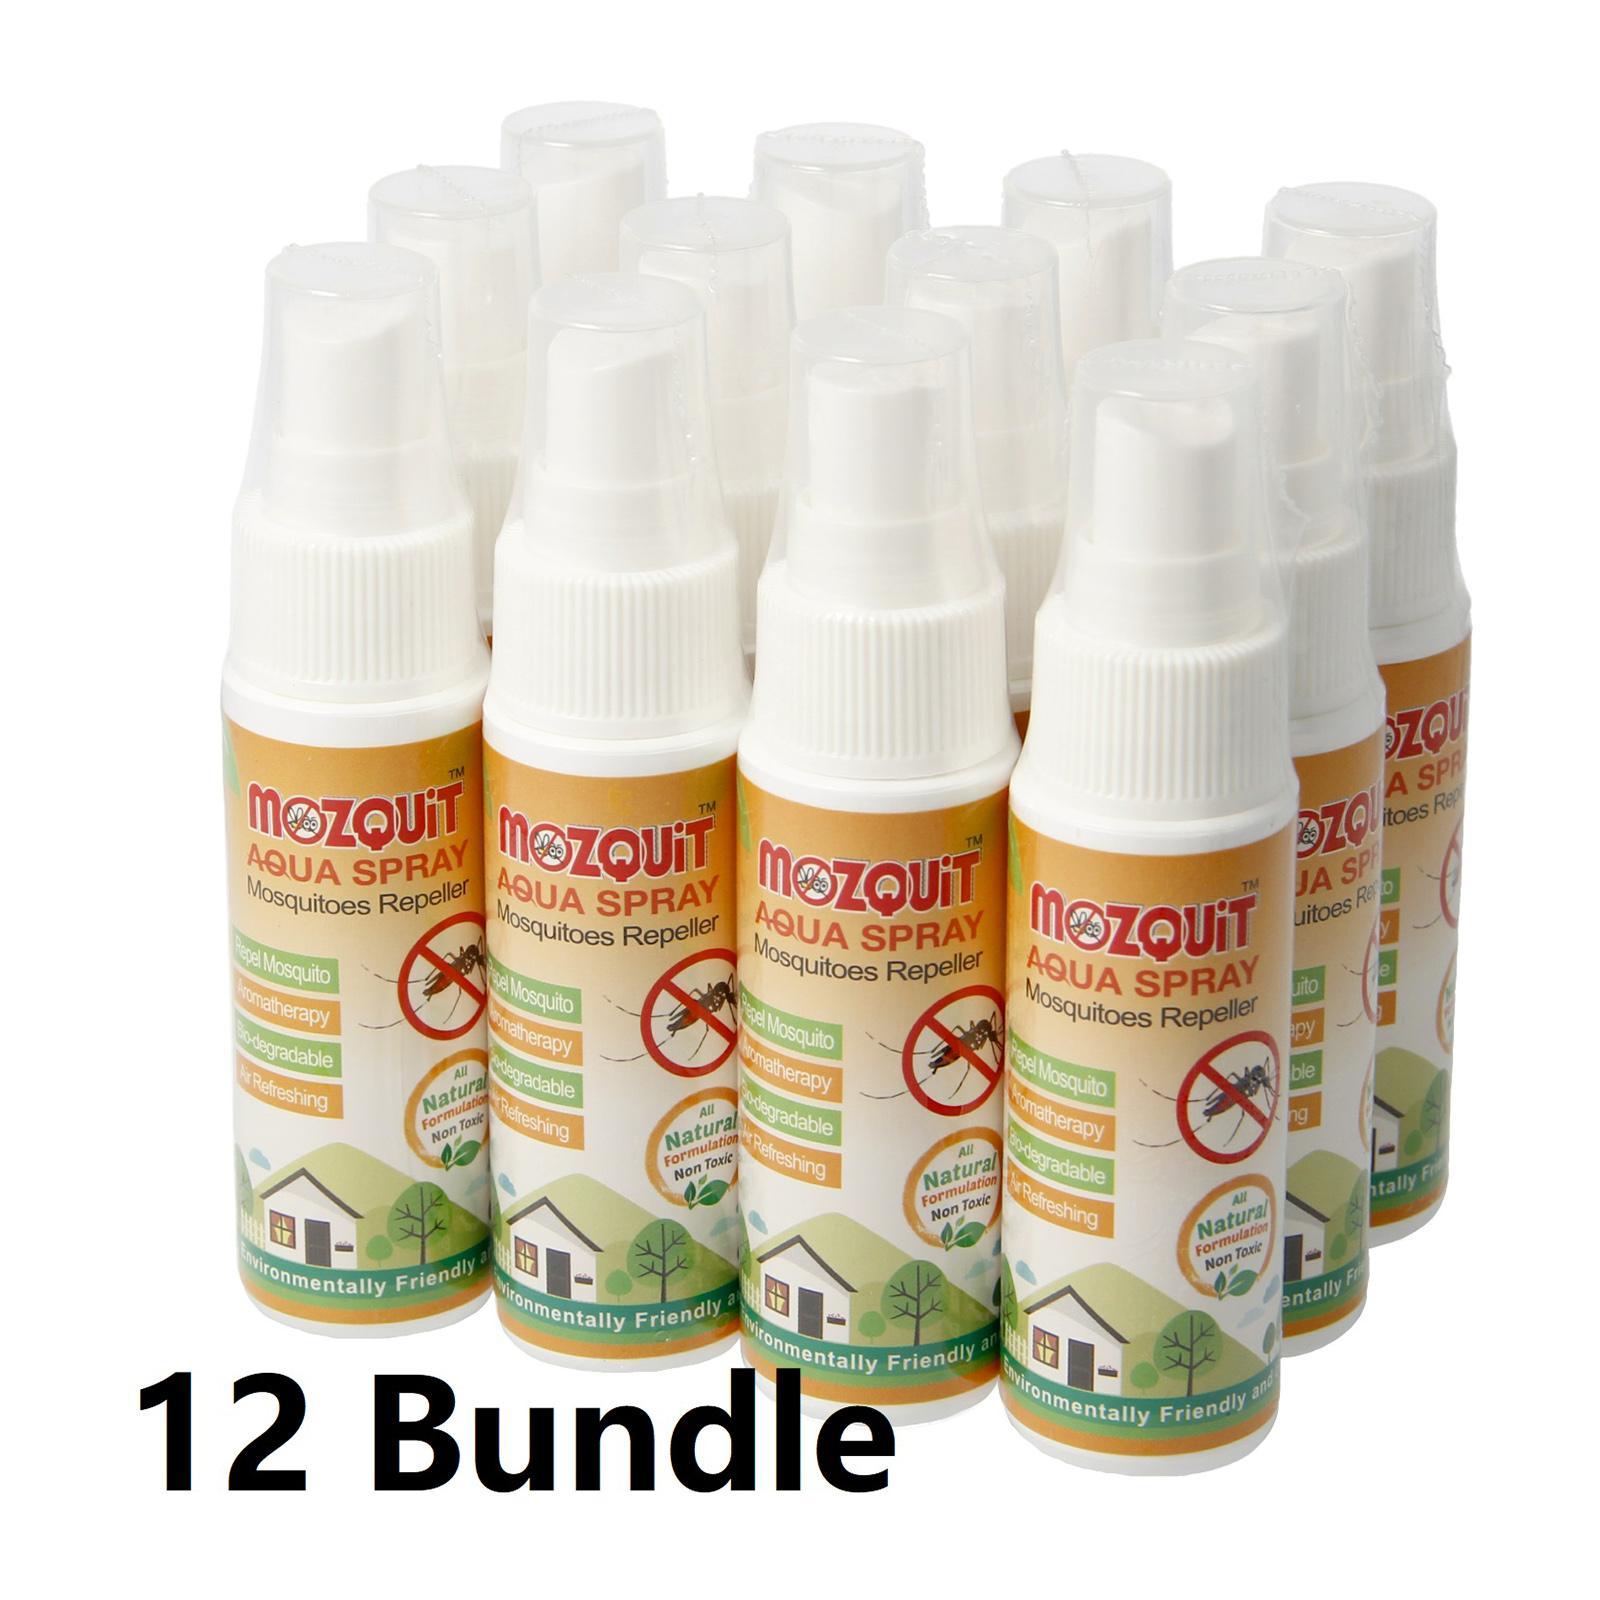 Mozquit Mosquito Repellent Aqua Spray (Bundle Of 12)